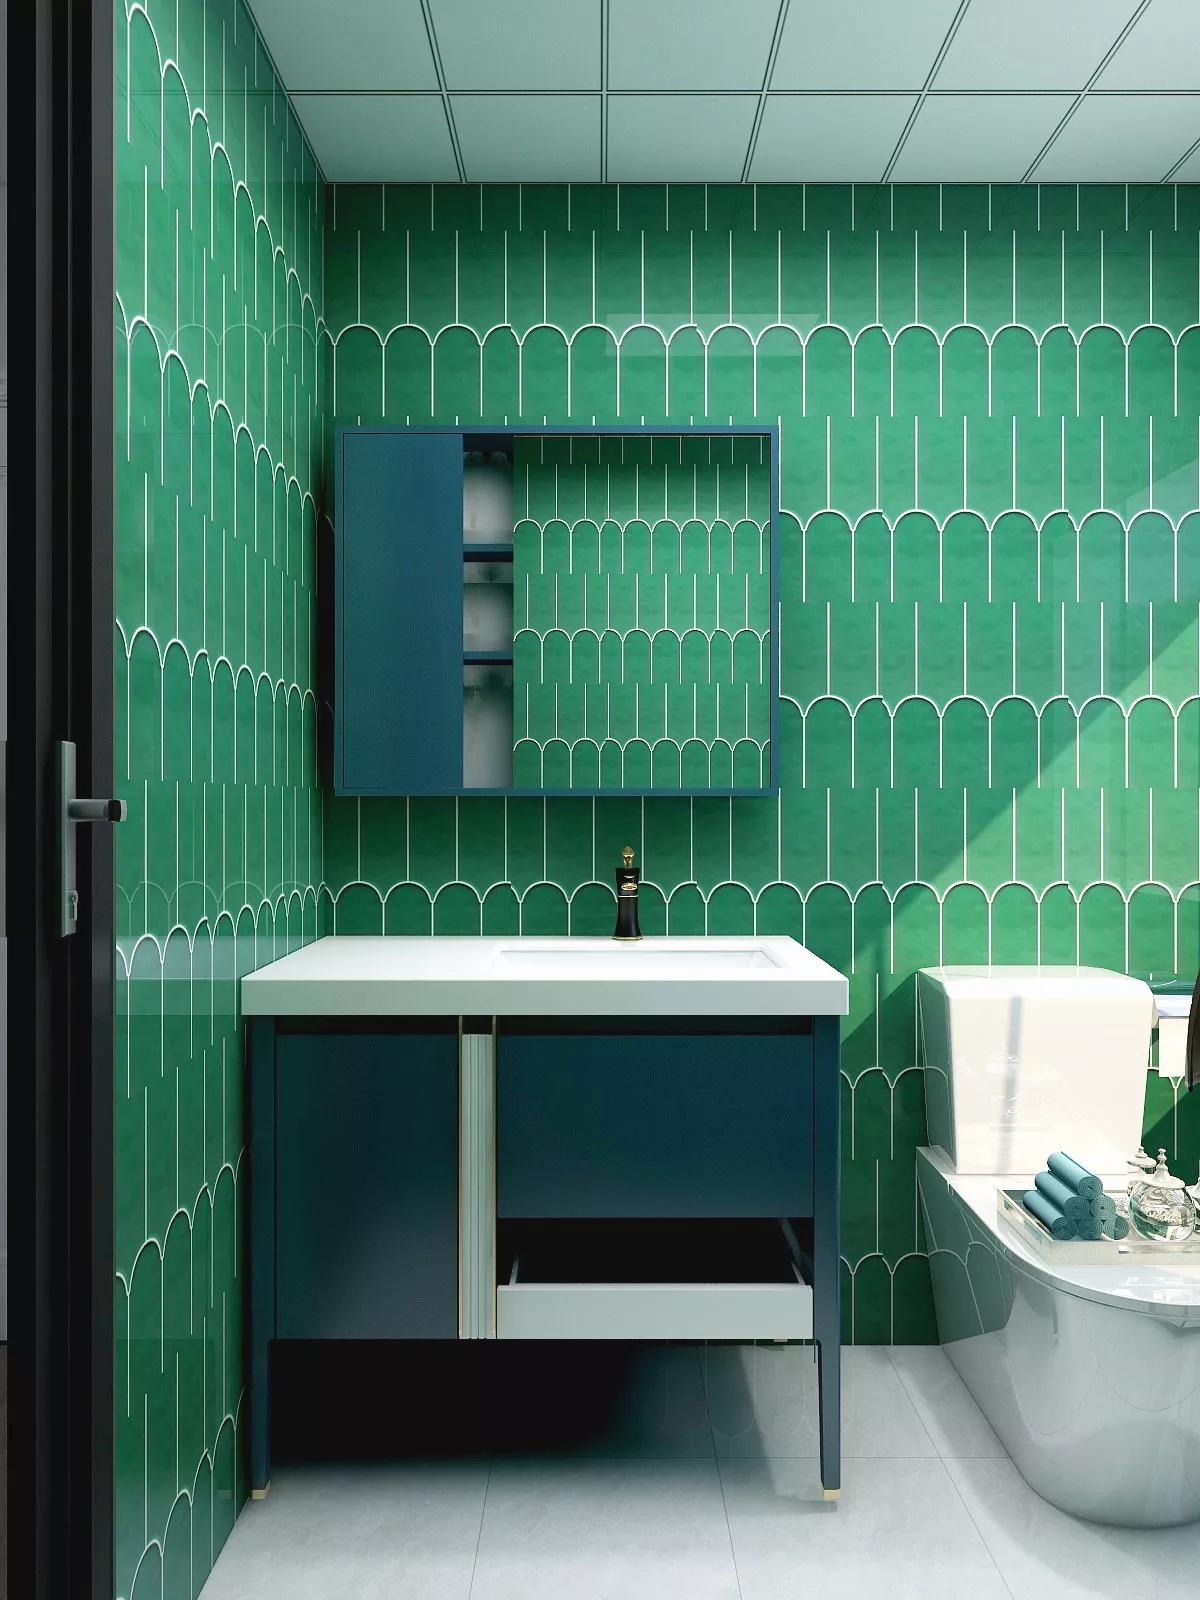 现代时尚简洁风格卫生间装修效果图